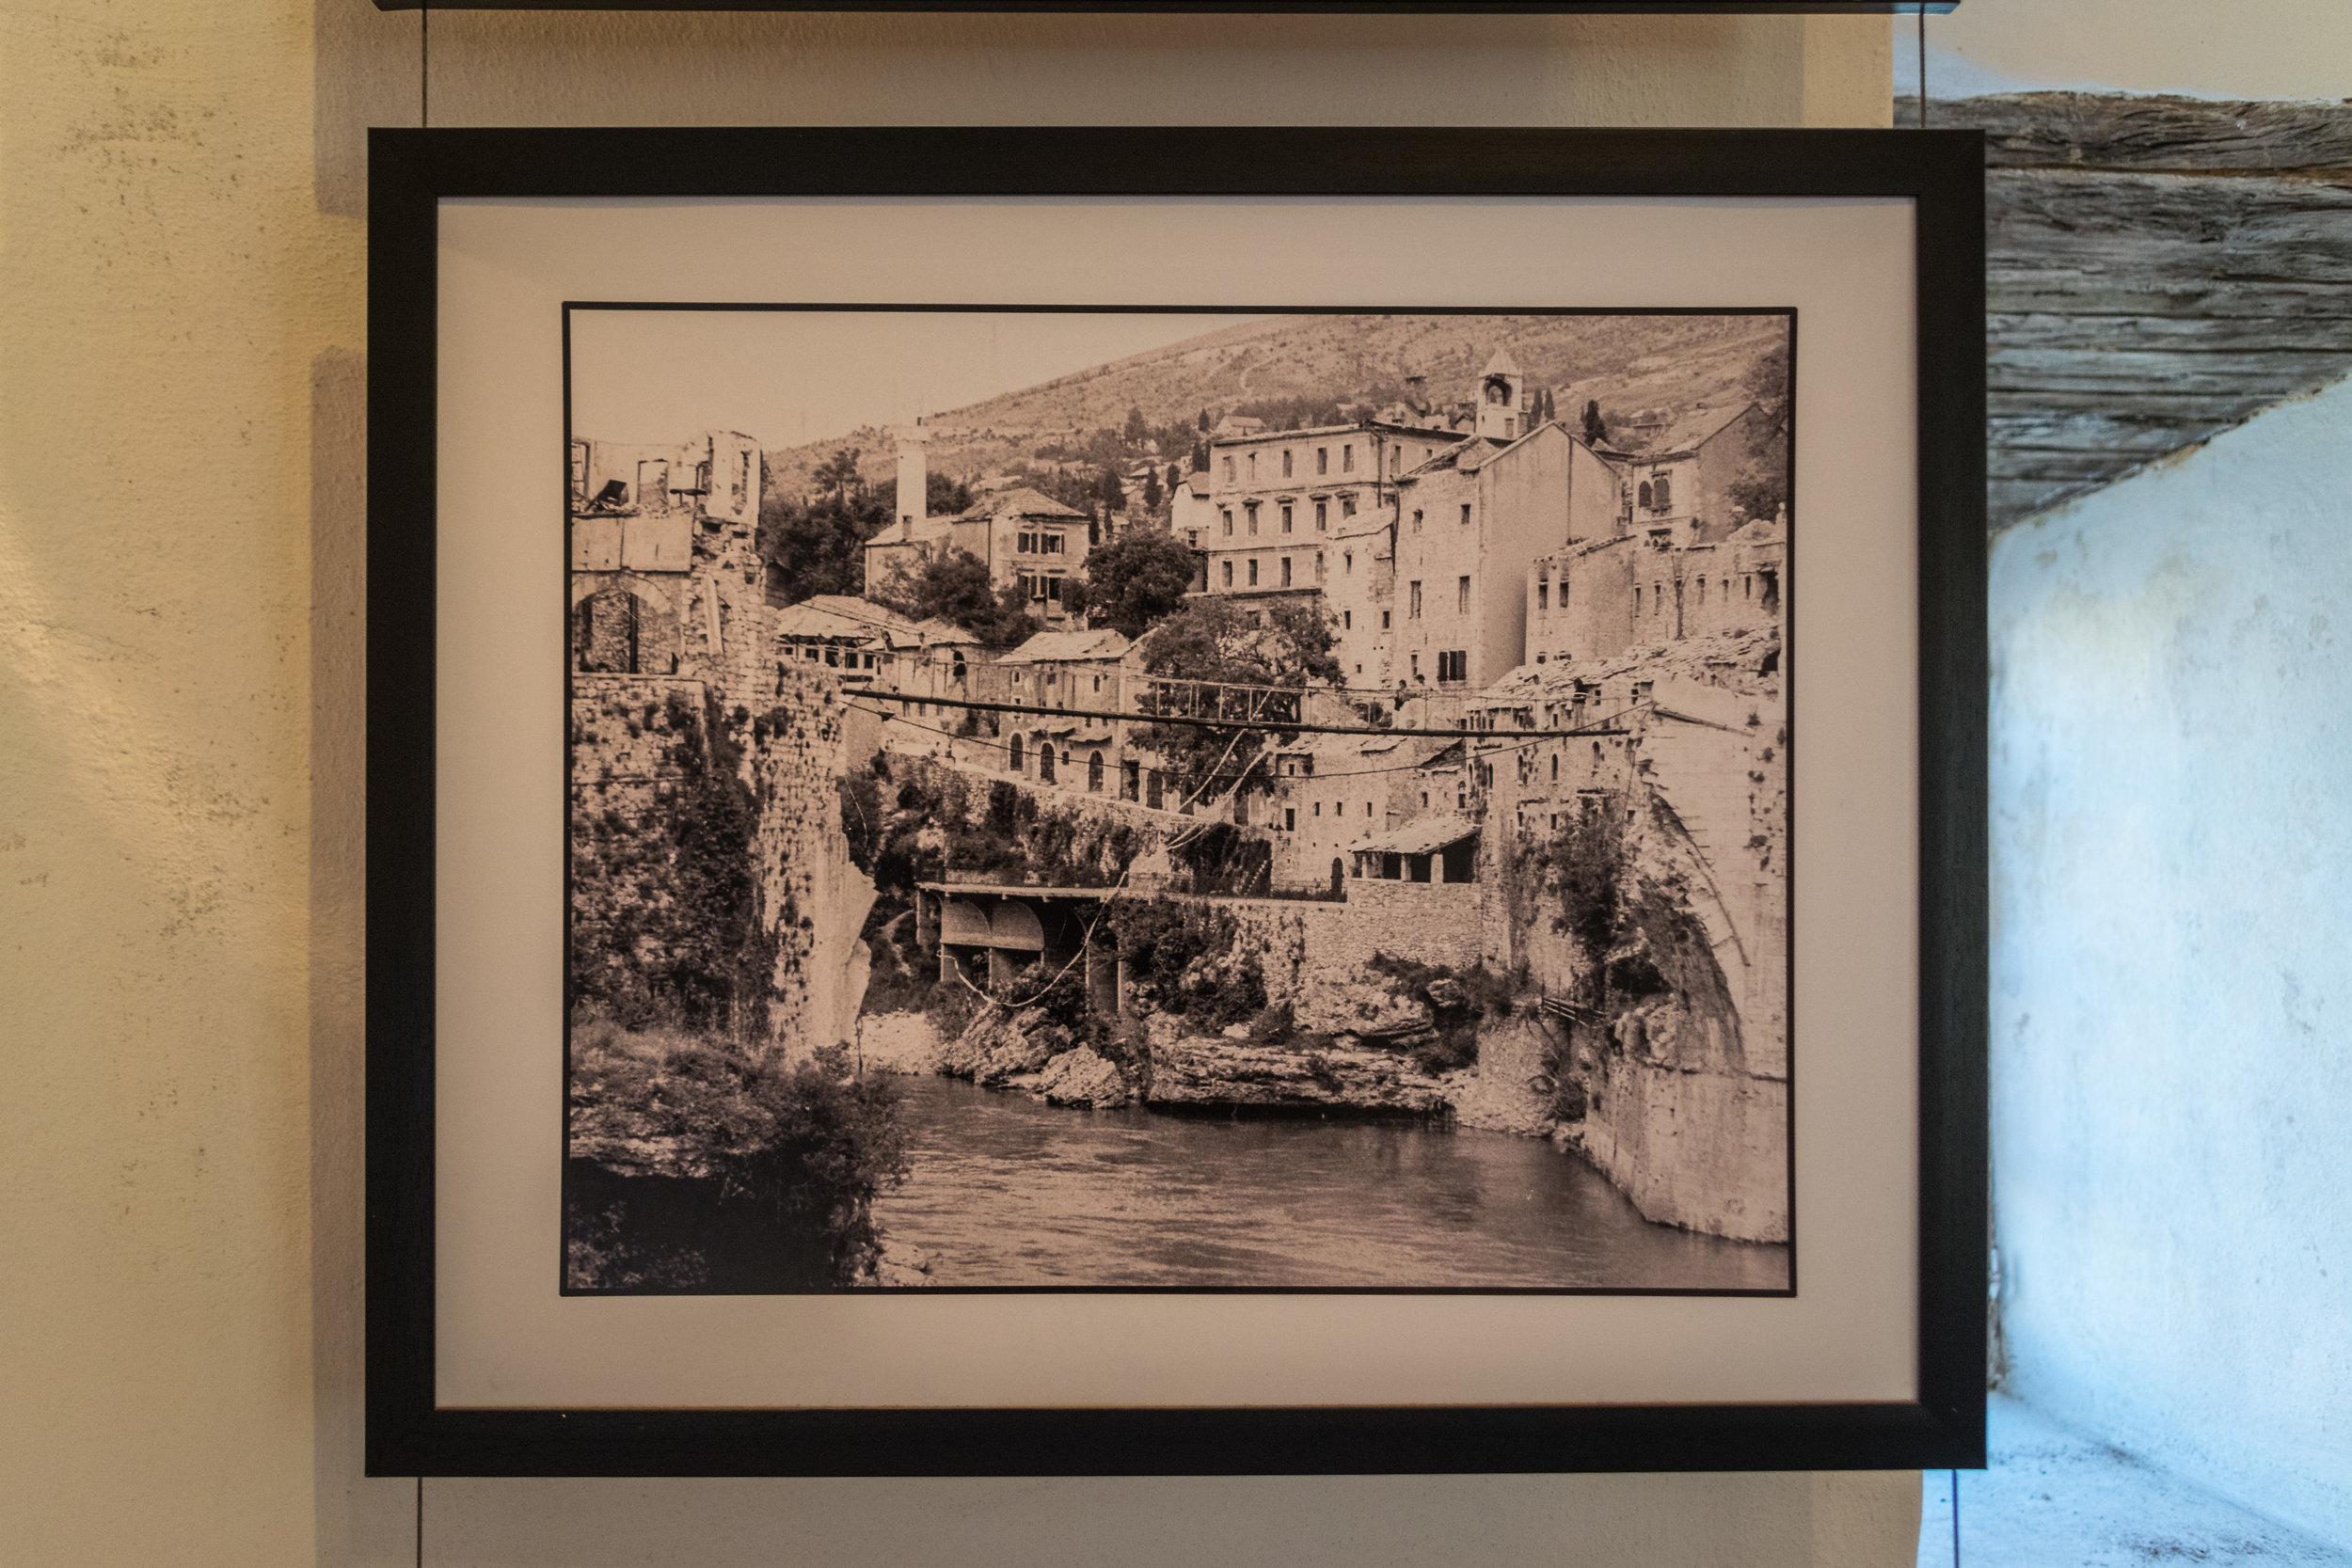 Mostar War Photo Exhibition-4.jpg